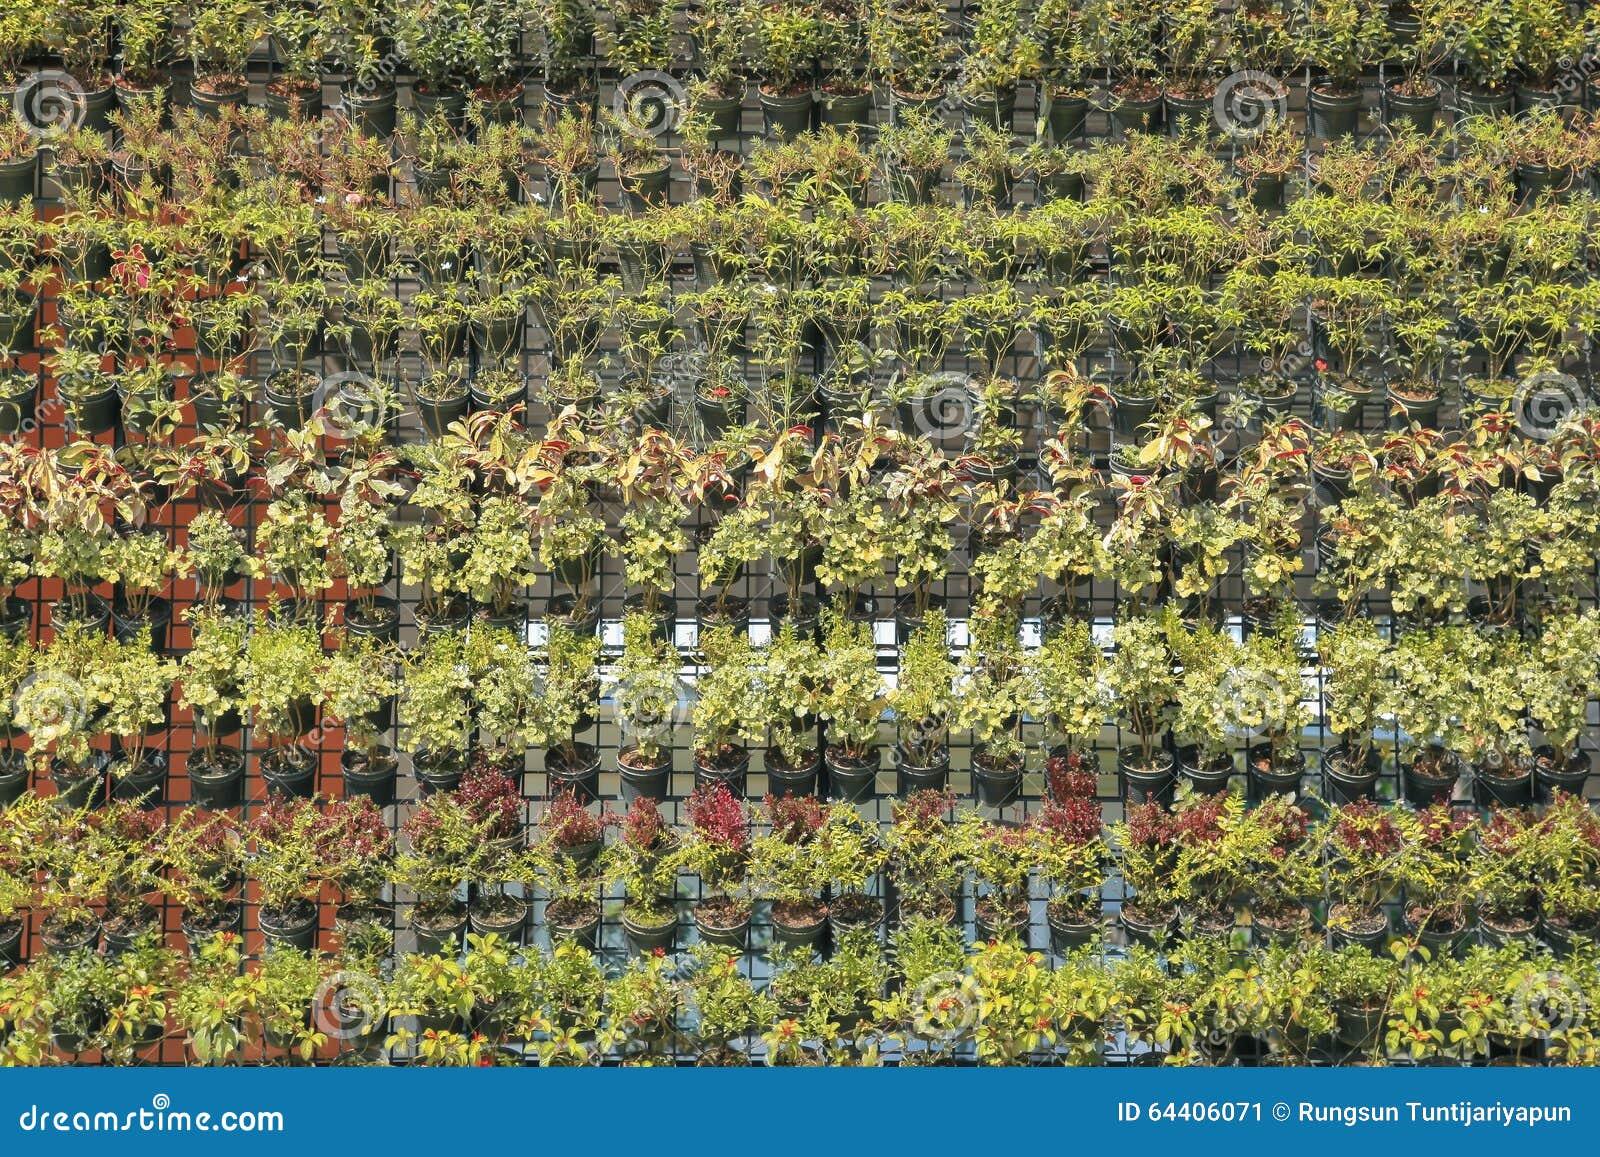 jardim vertical imagens:Vertical Garden